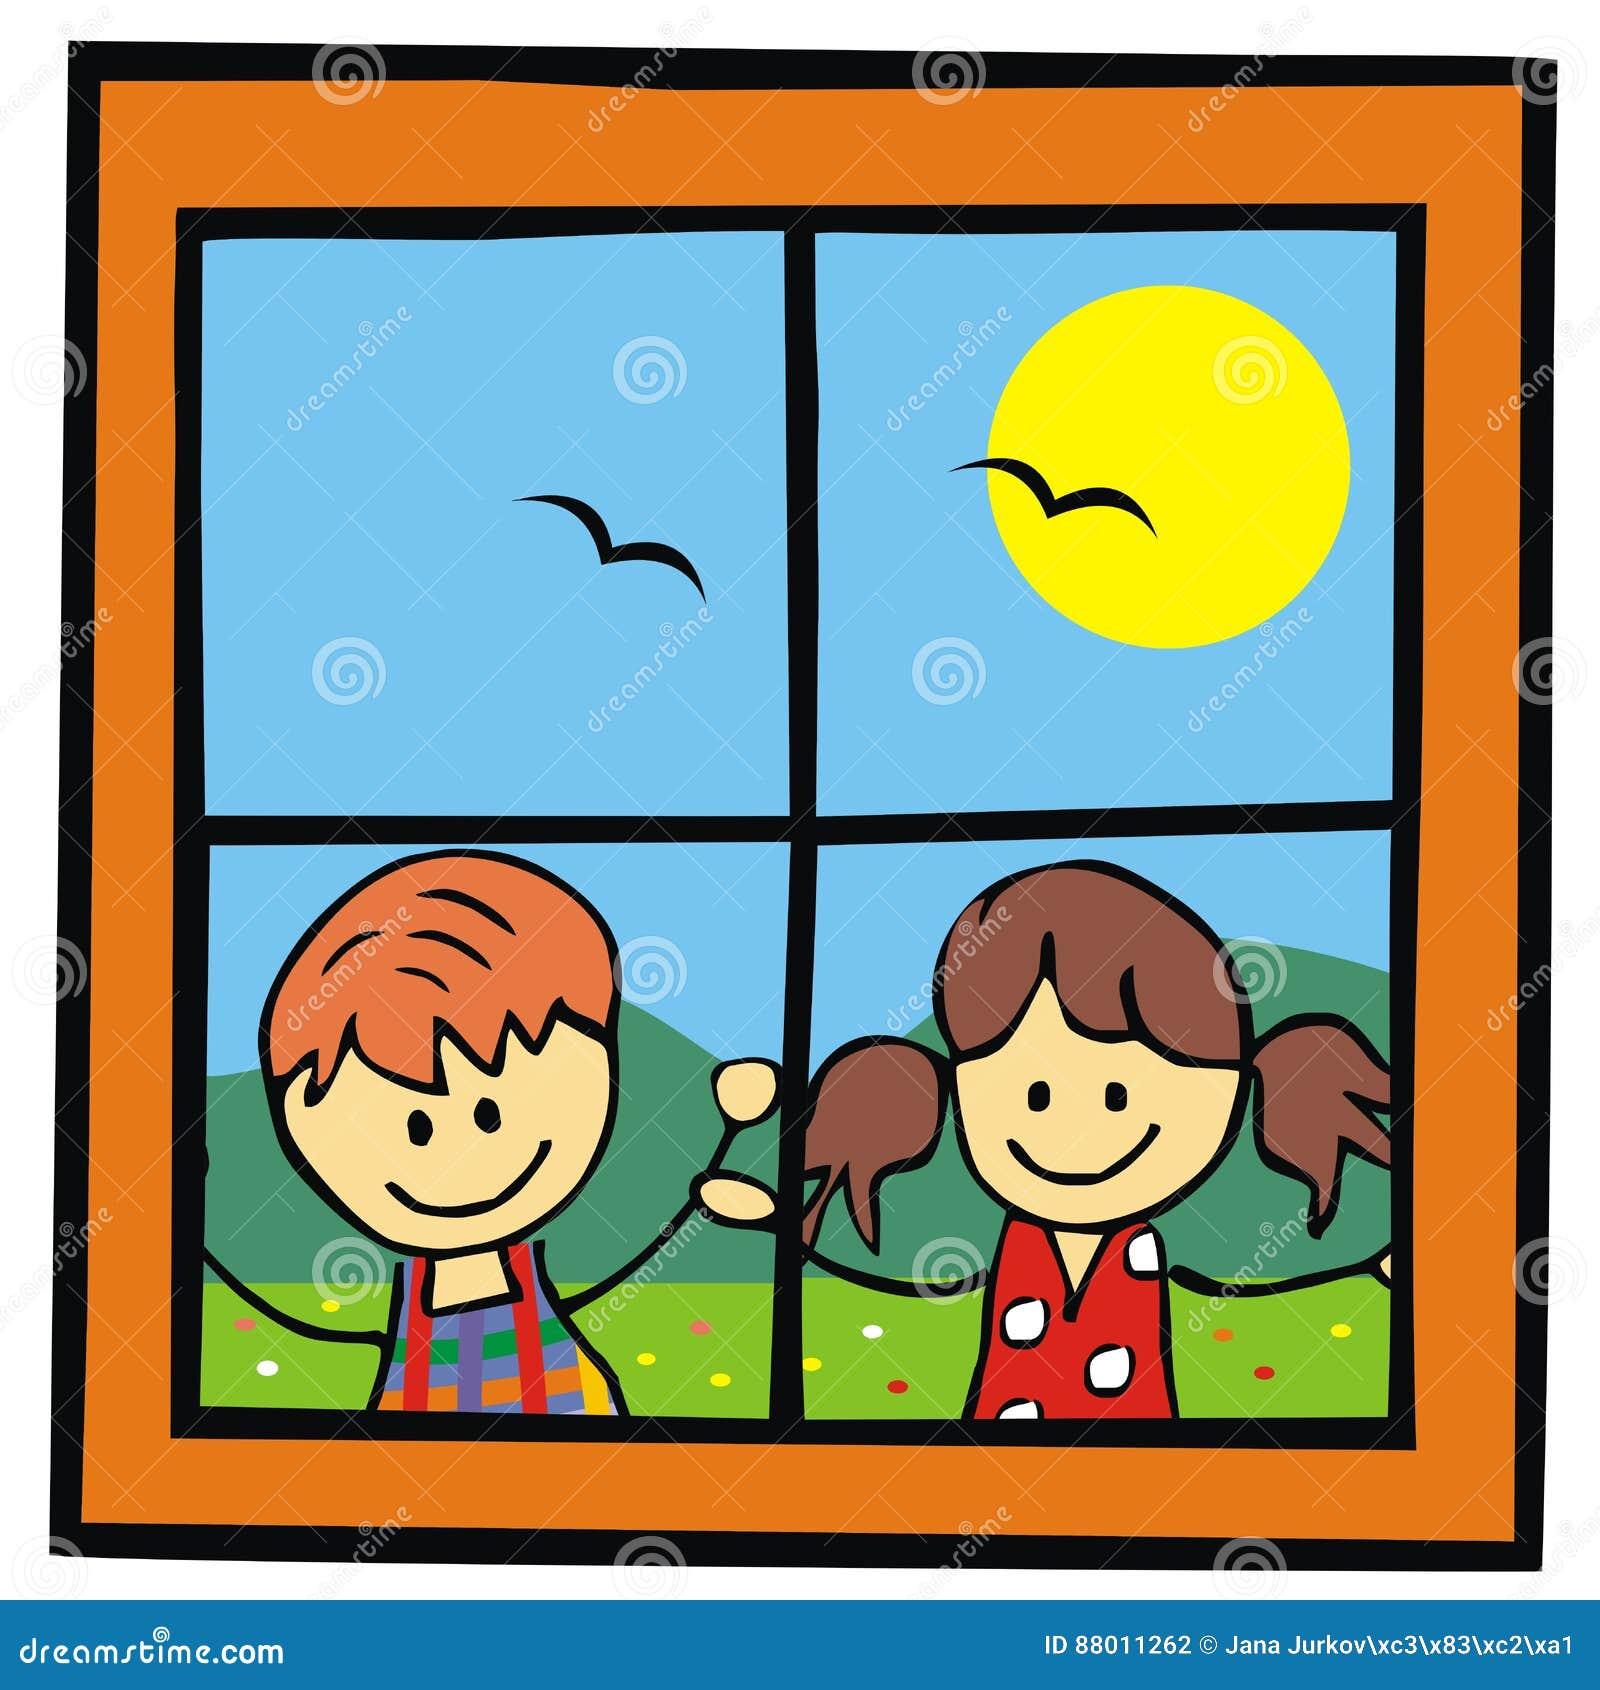 Bambini e finestra illustrazione vettoriale illustrazione for Finestra rinascimentale disegno